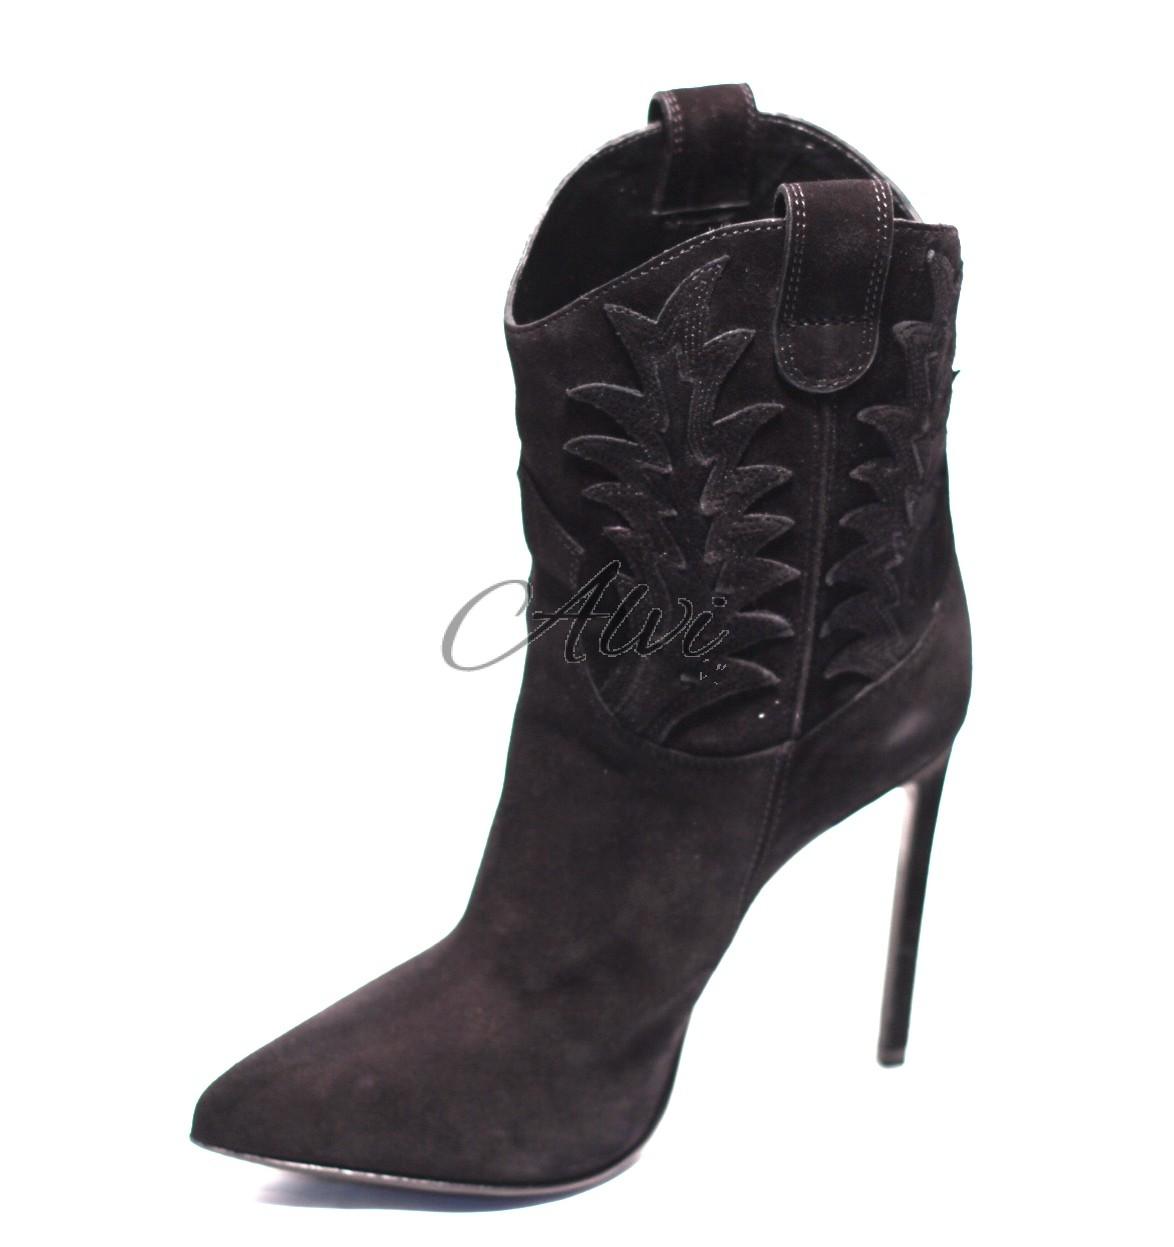 c69ed5f2c5 stivali texani corti tacco a spillo 12 cm in camoscio nero